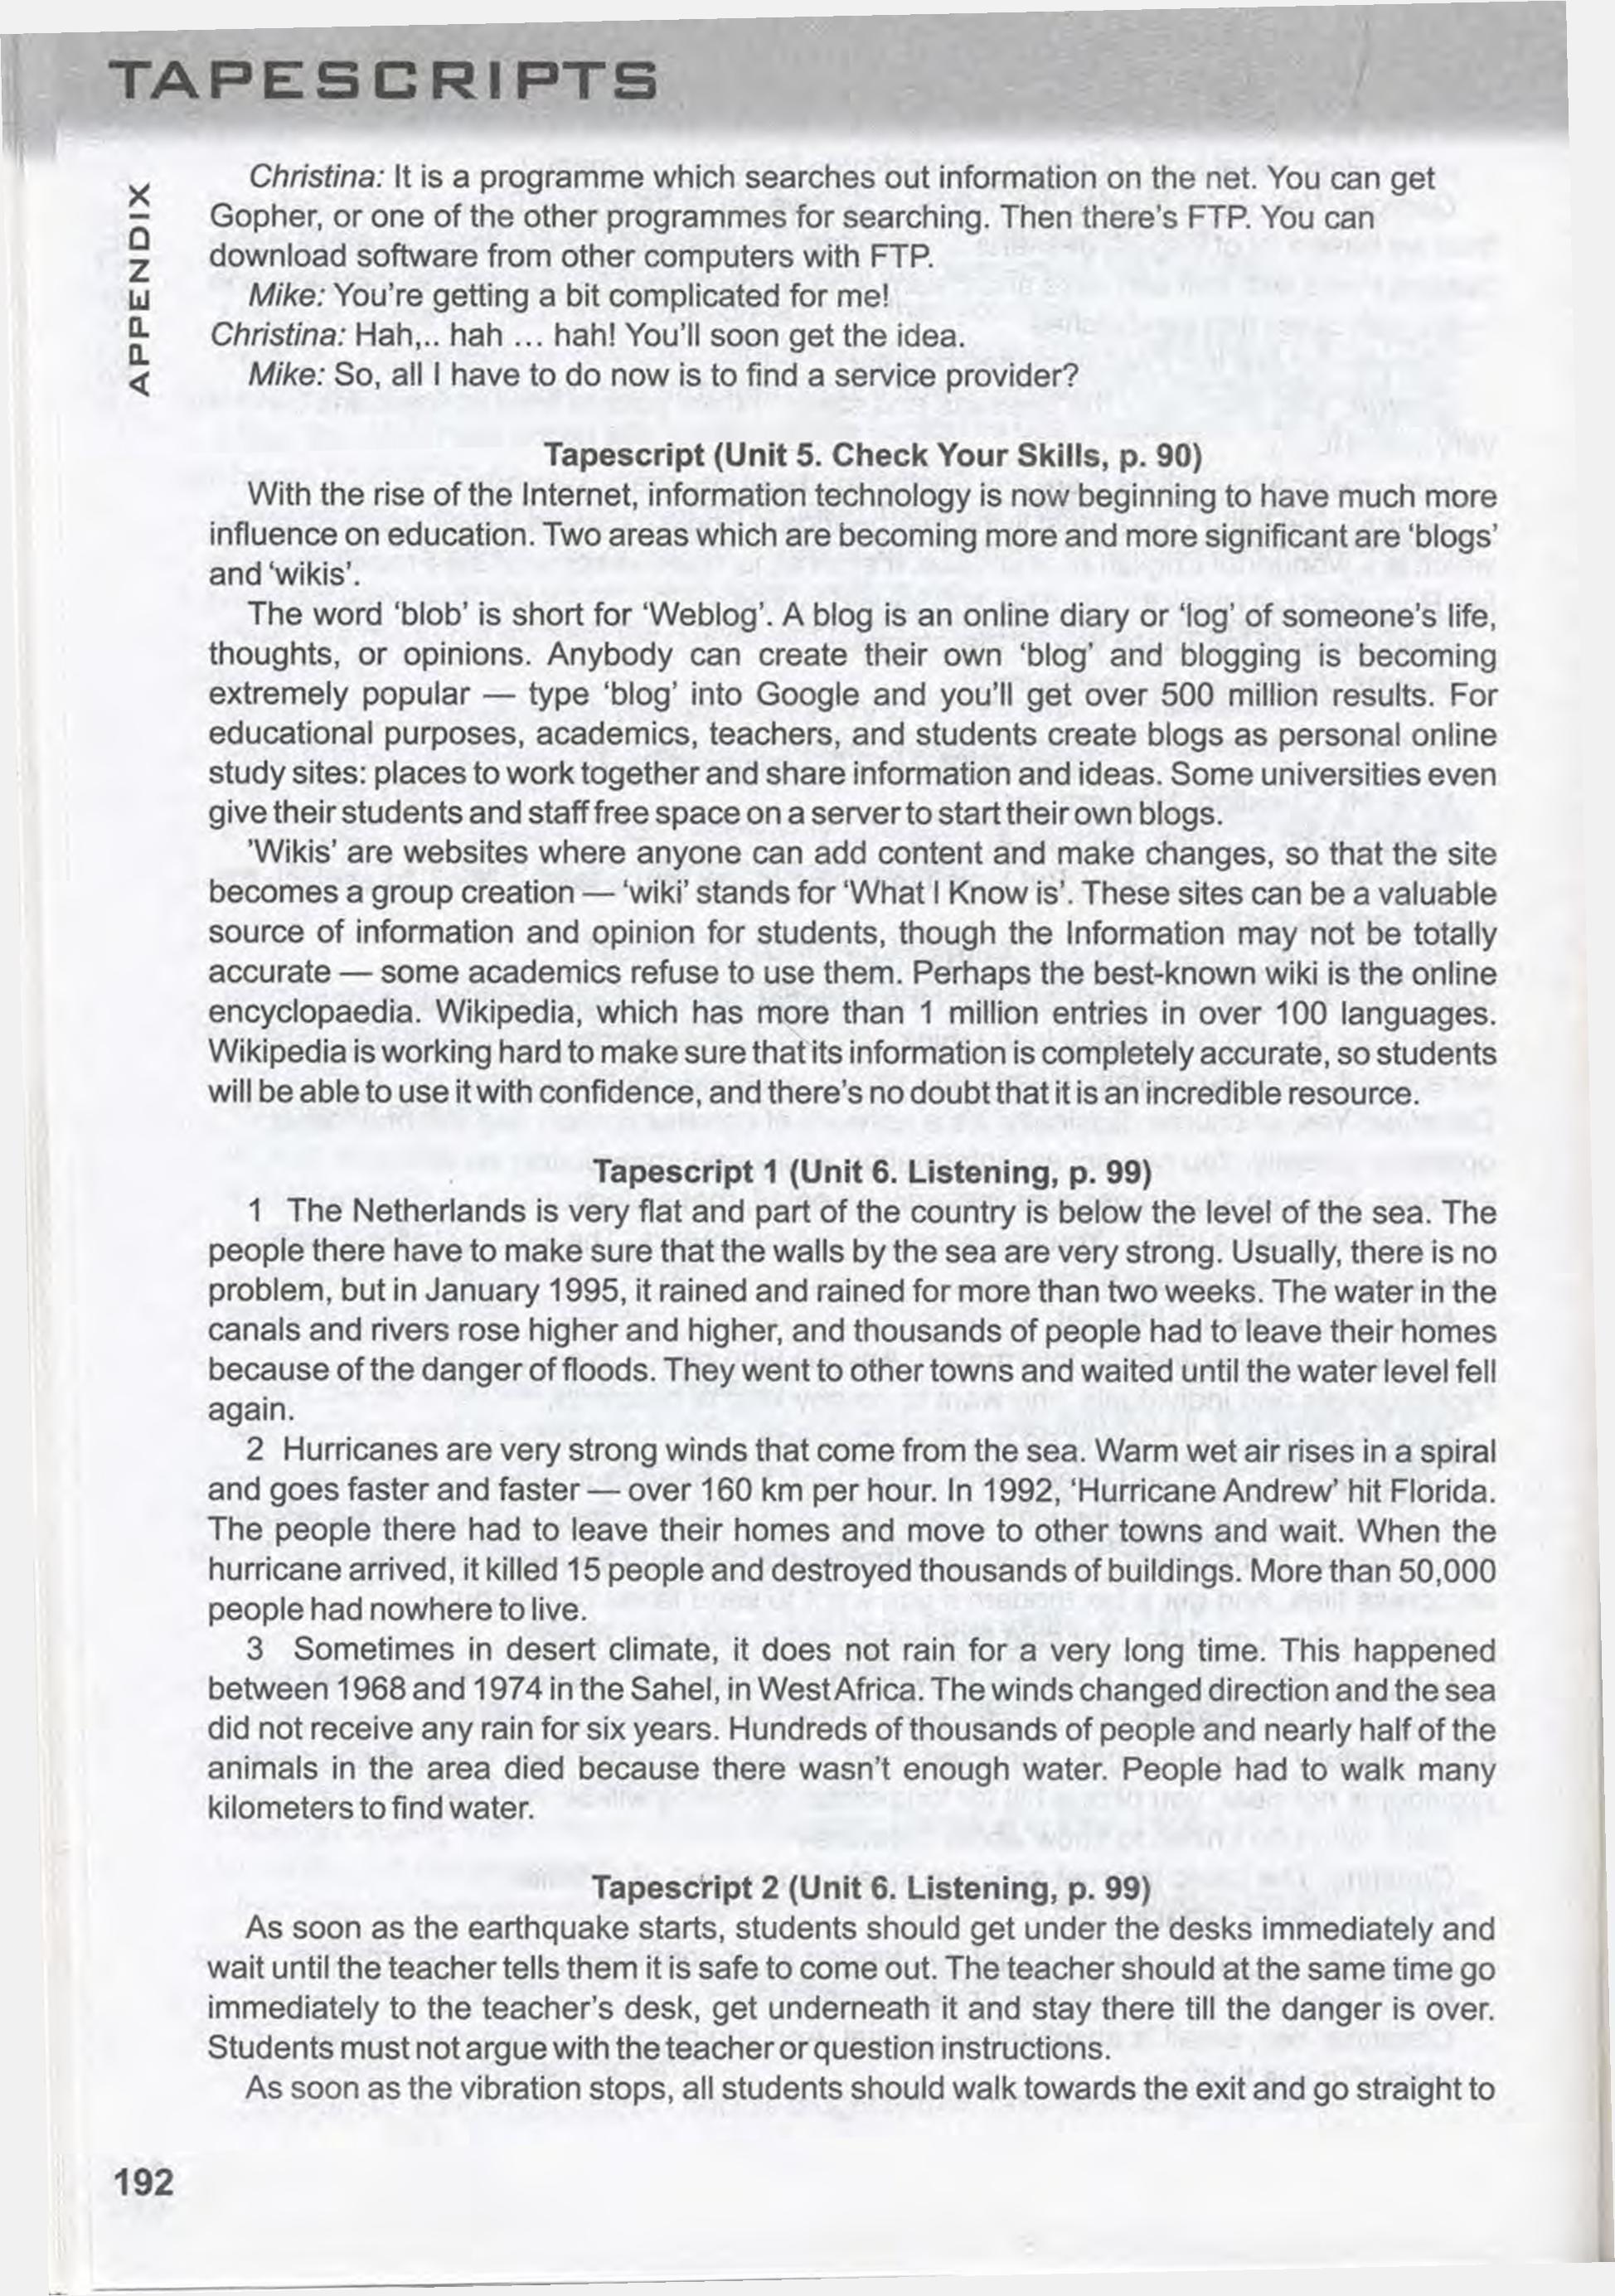 тема з англійської мови 10 - 0189